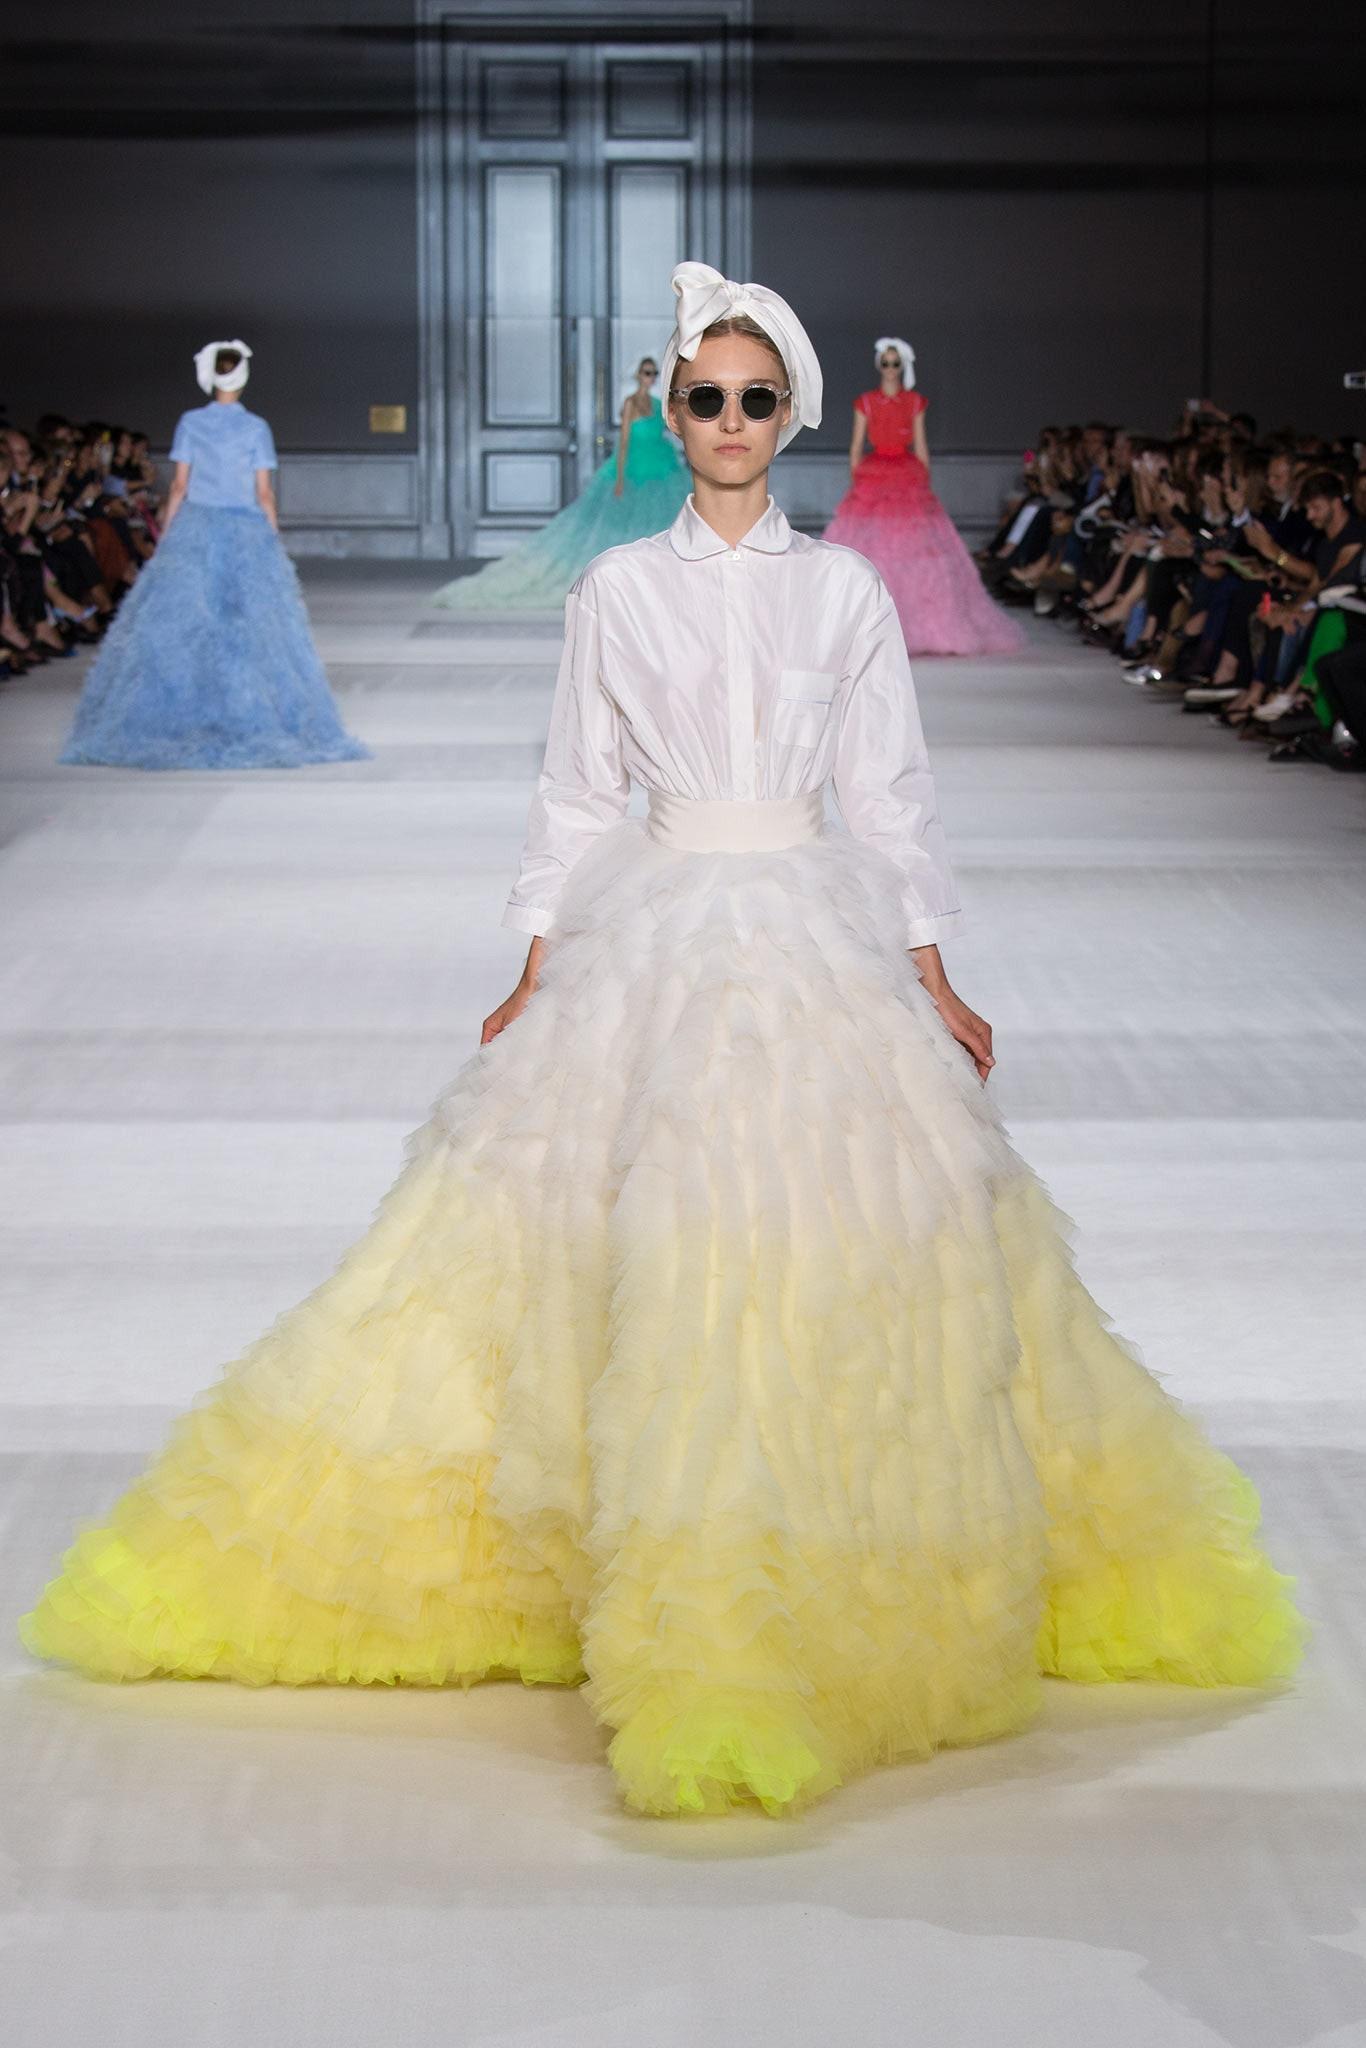 Vestidos de novia Giambattista Valli, vestidos de novia alta costura Giambattista Valli - Wedding Hub - 06